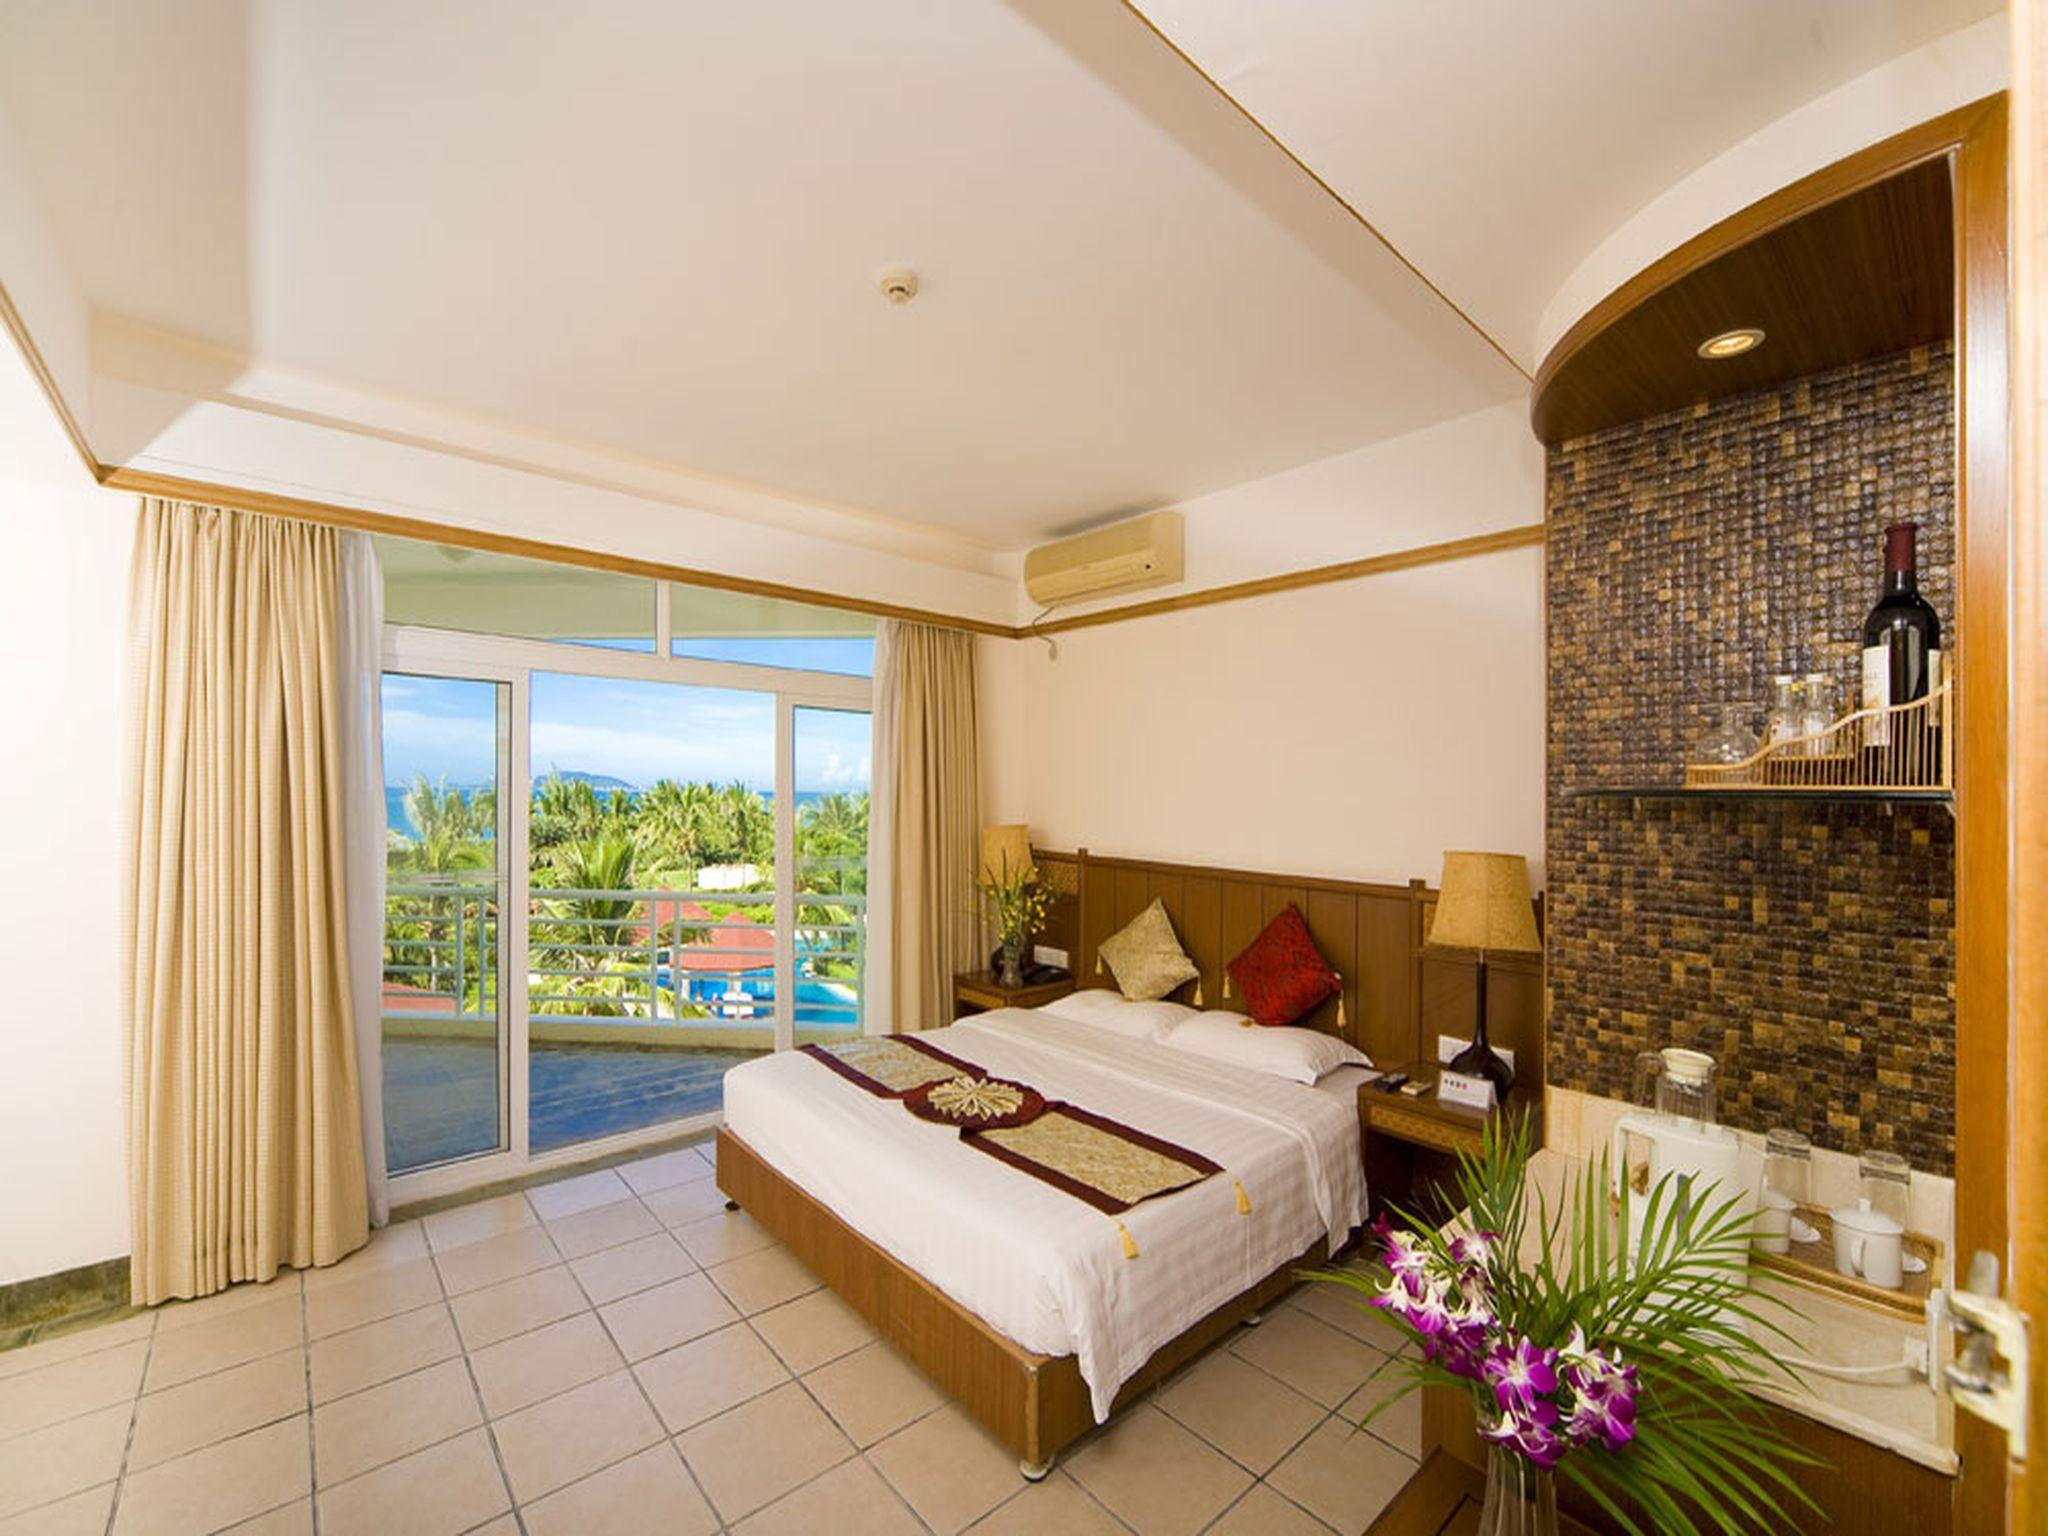 sanya bay tianfuyuan resort